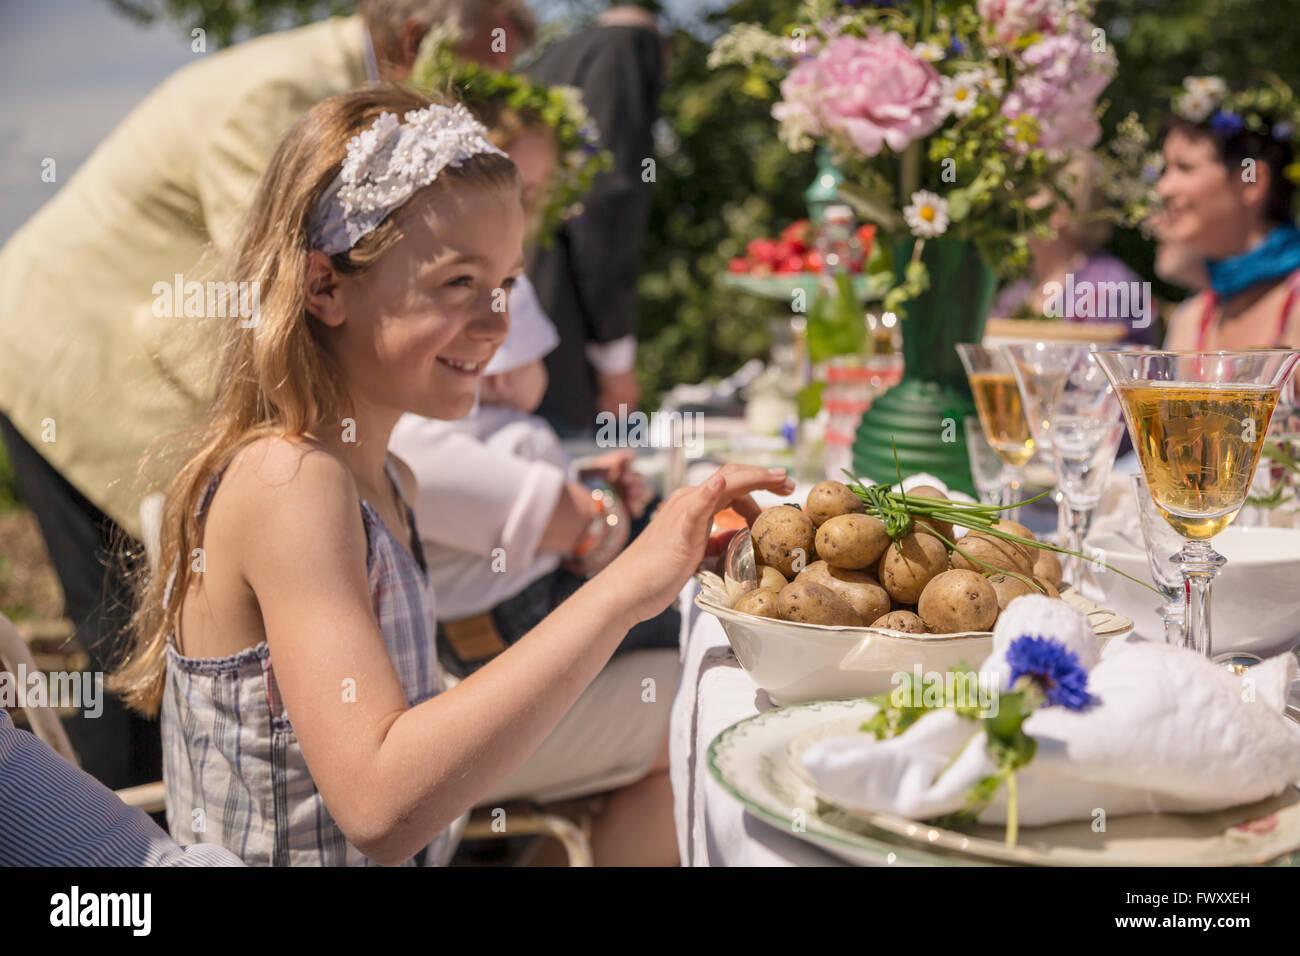 Sweden, Skane, Children (6-11 months, 8-9) celebrating traditional festival - Stock Image